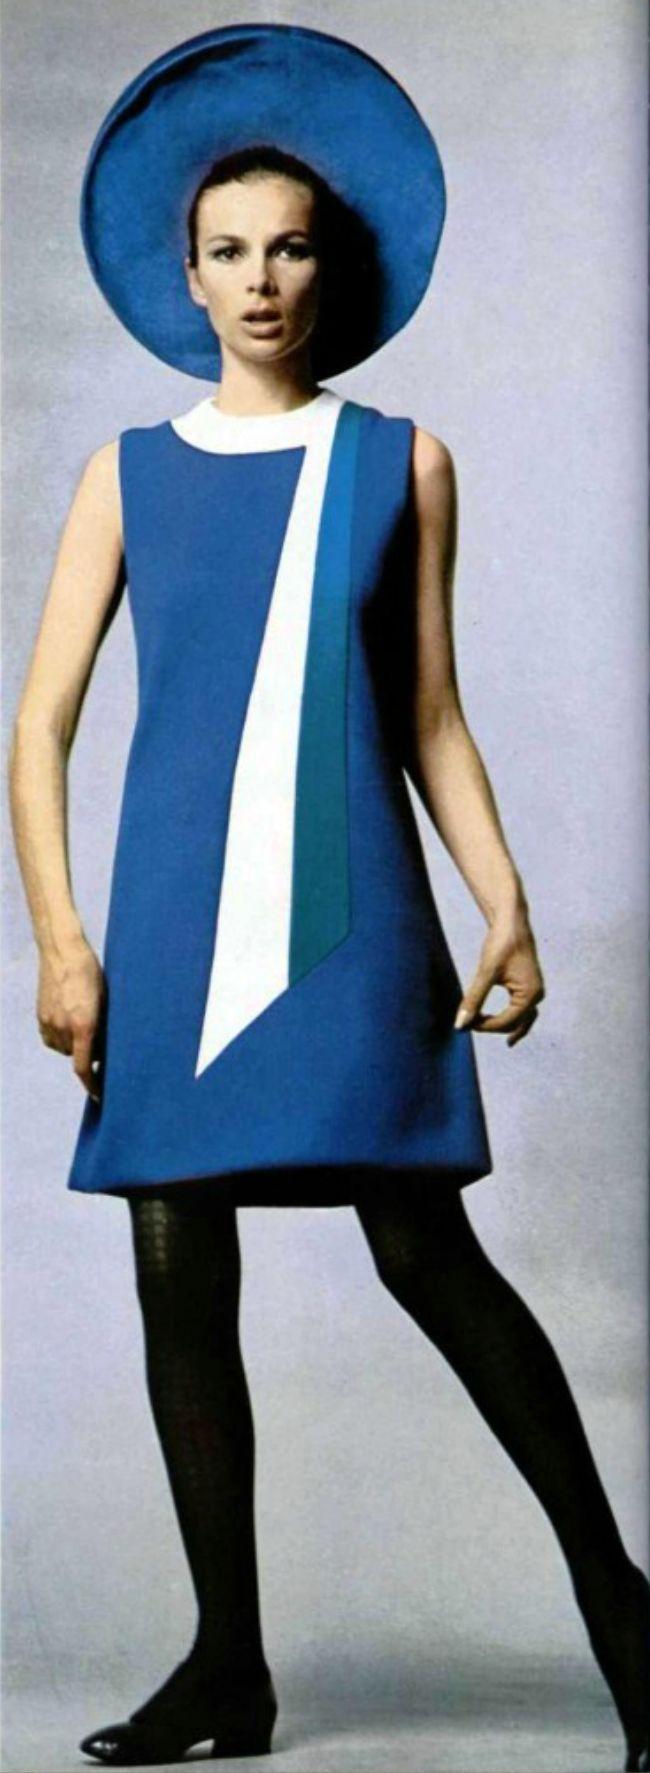 1967 L'officiel magazine Pierre Cardin. Gorgeous blue mini dress with matching blue hat.